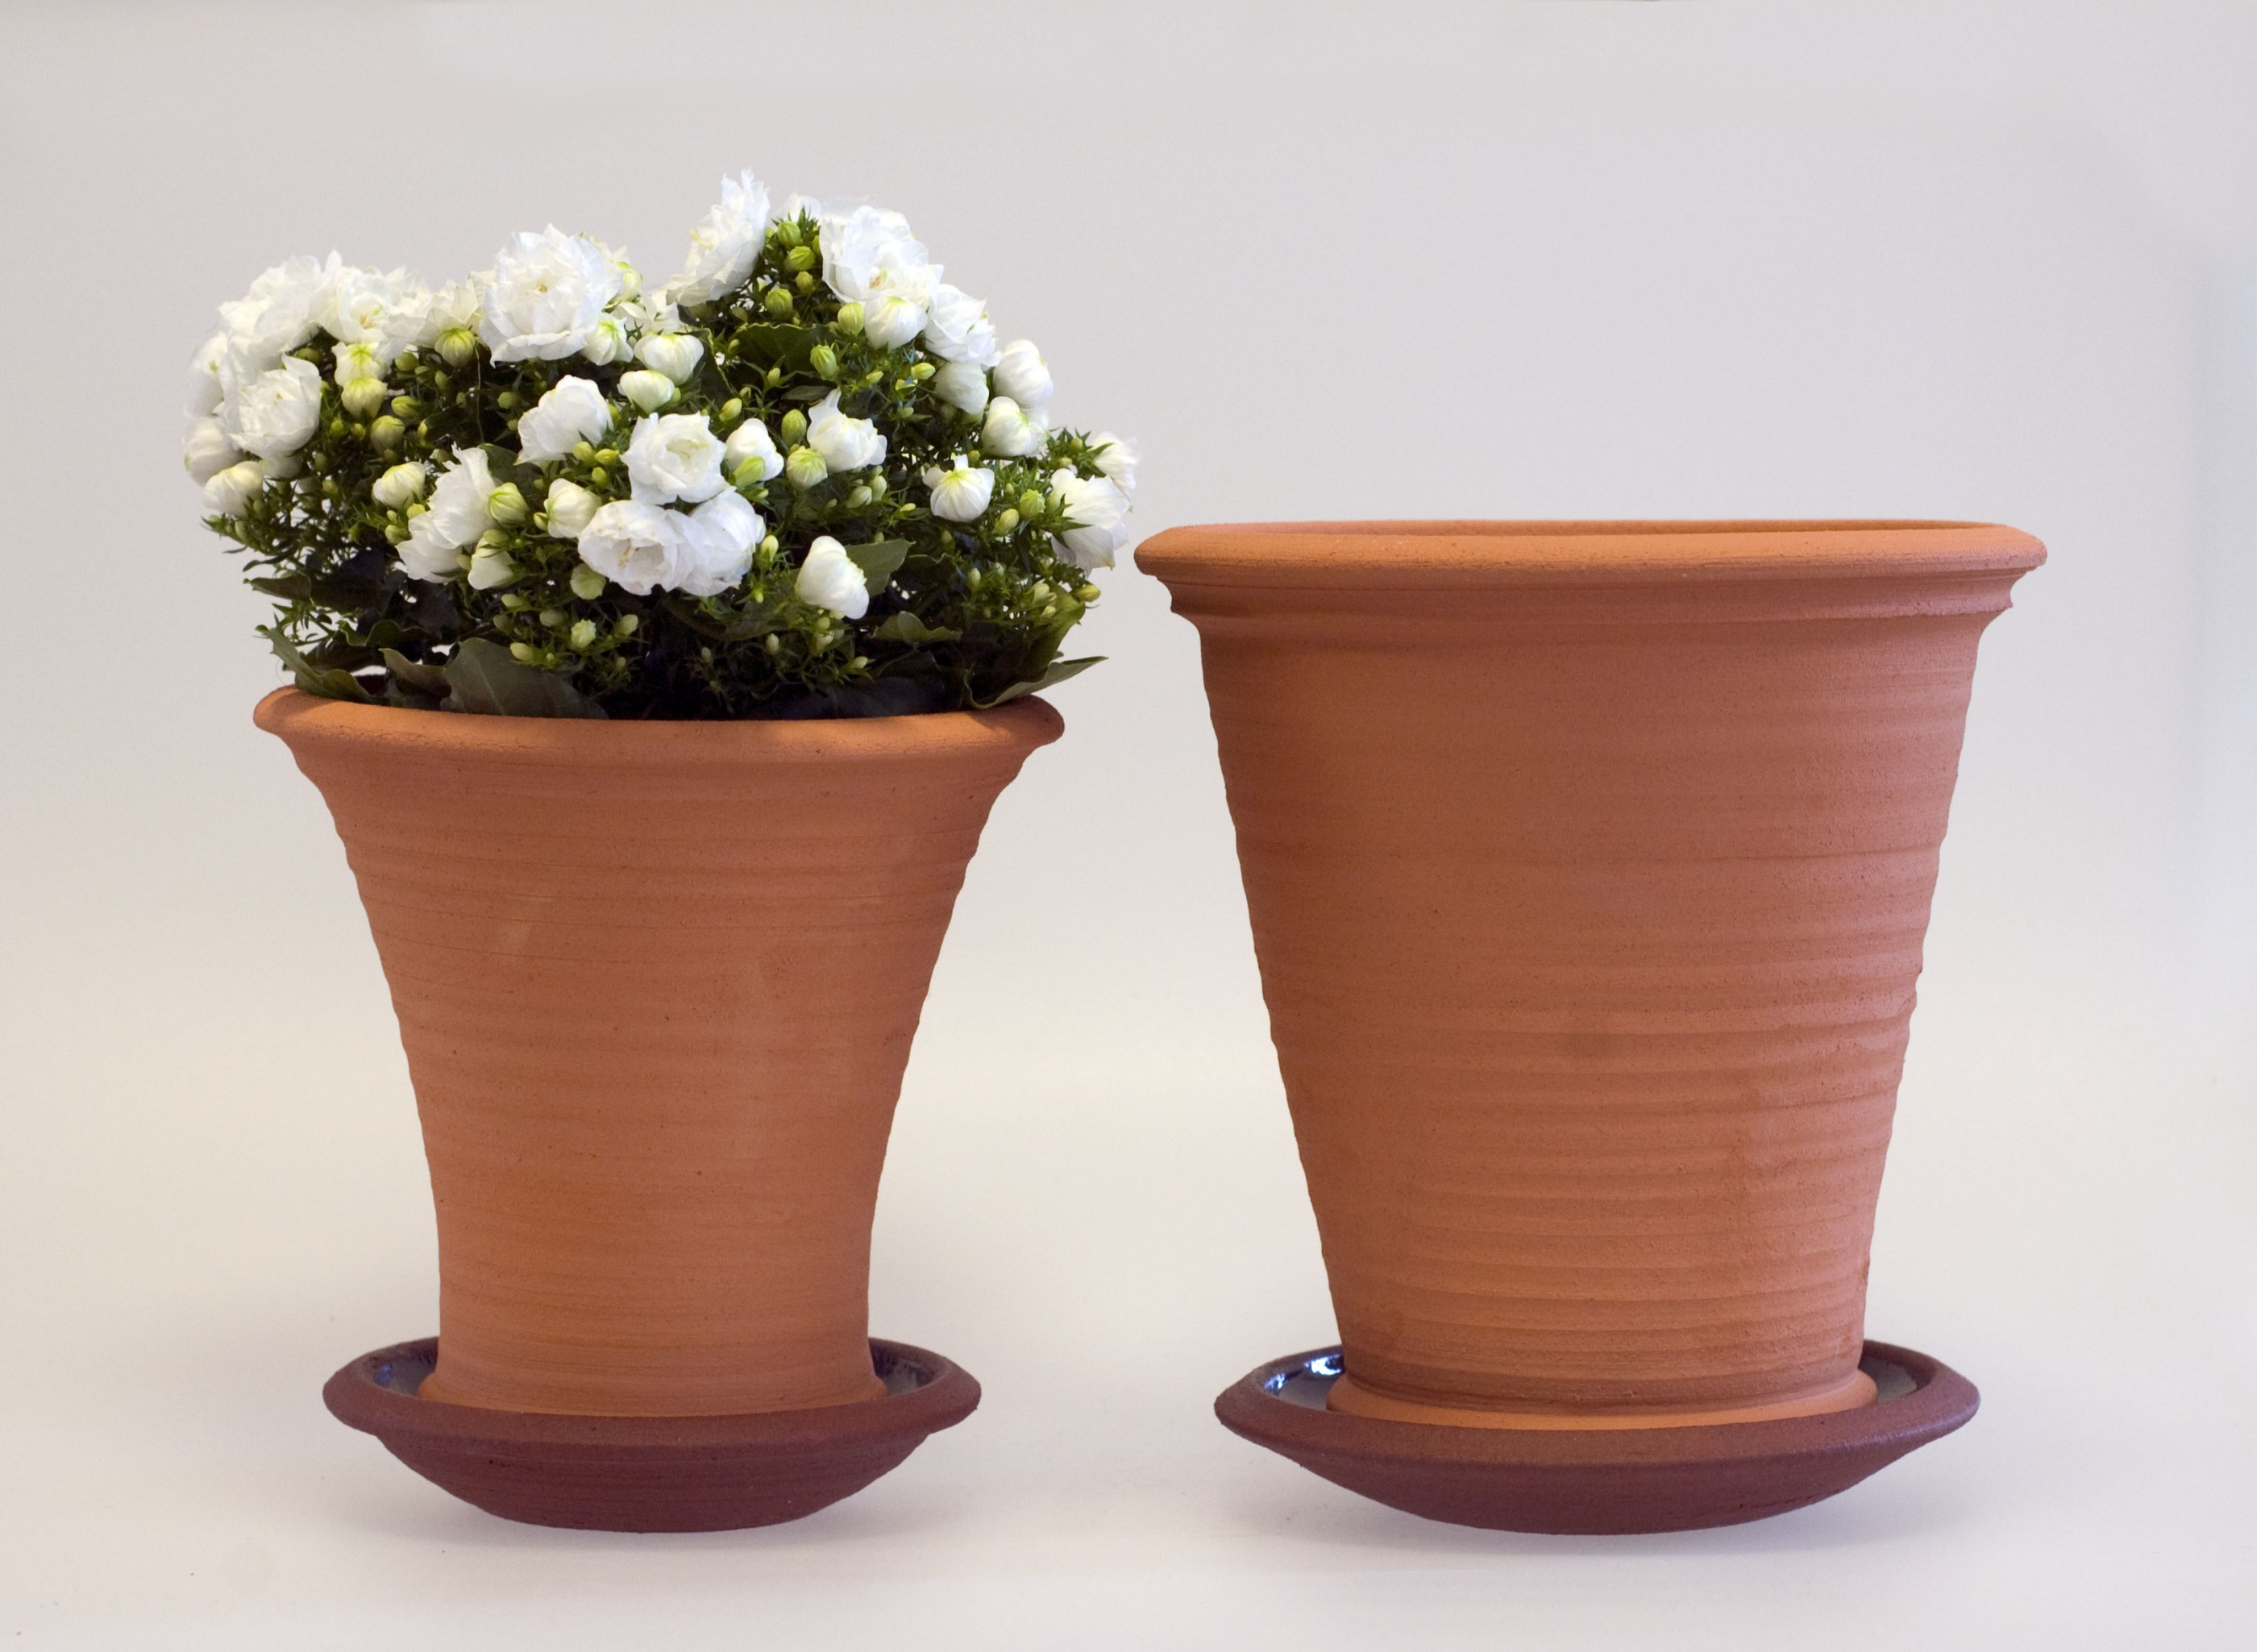 Terracottakrukor blomma